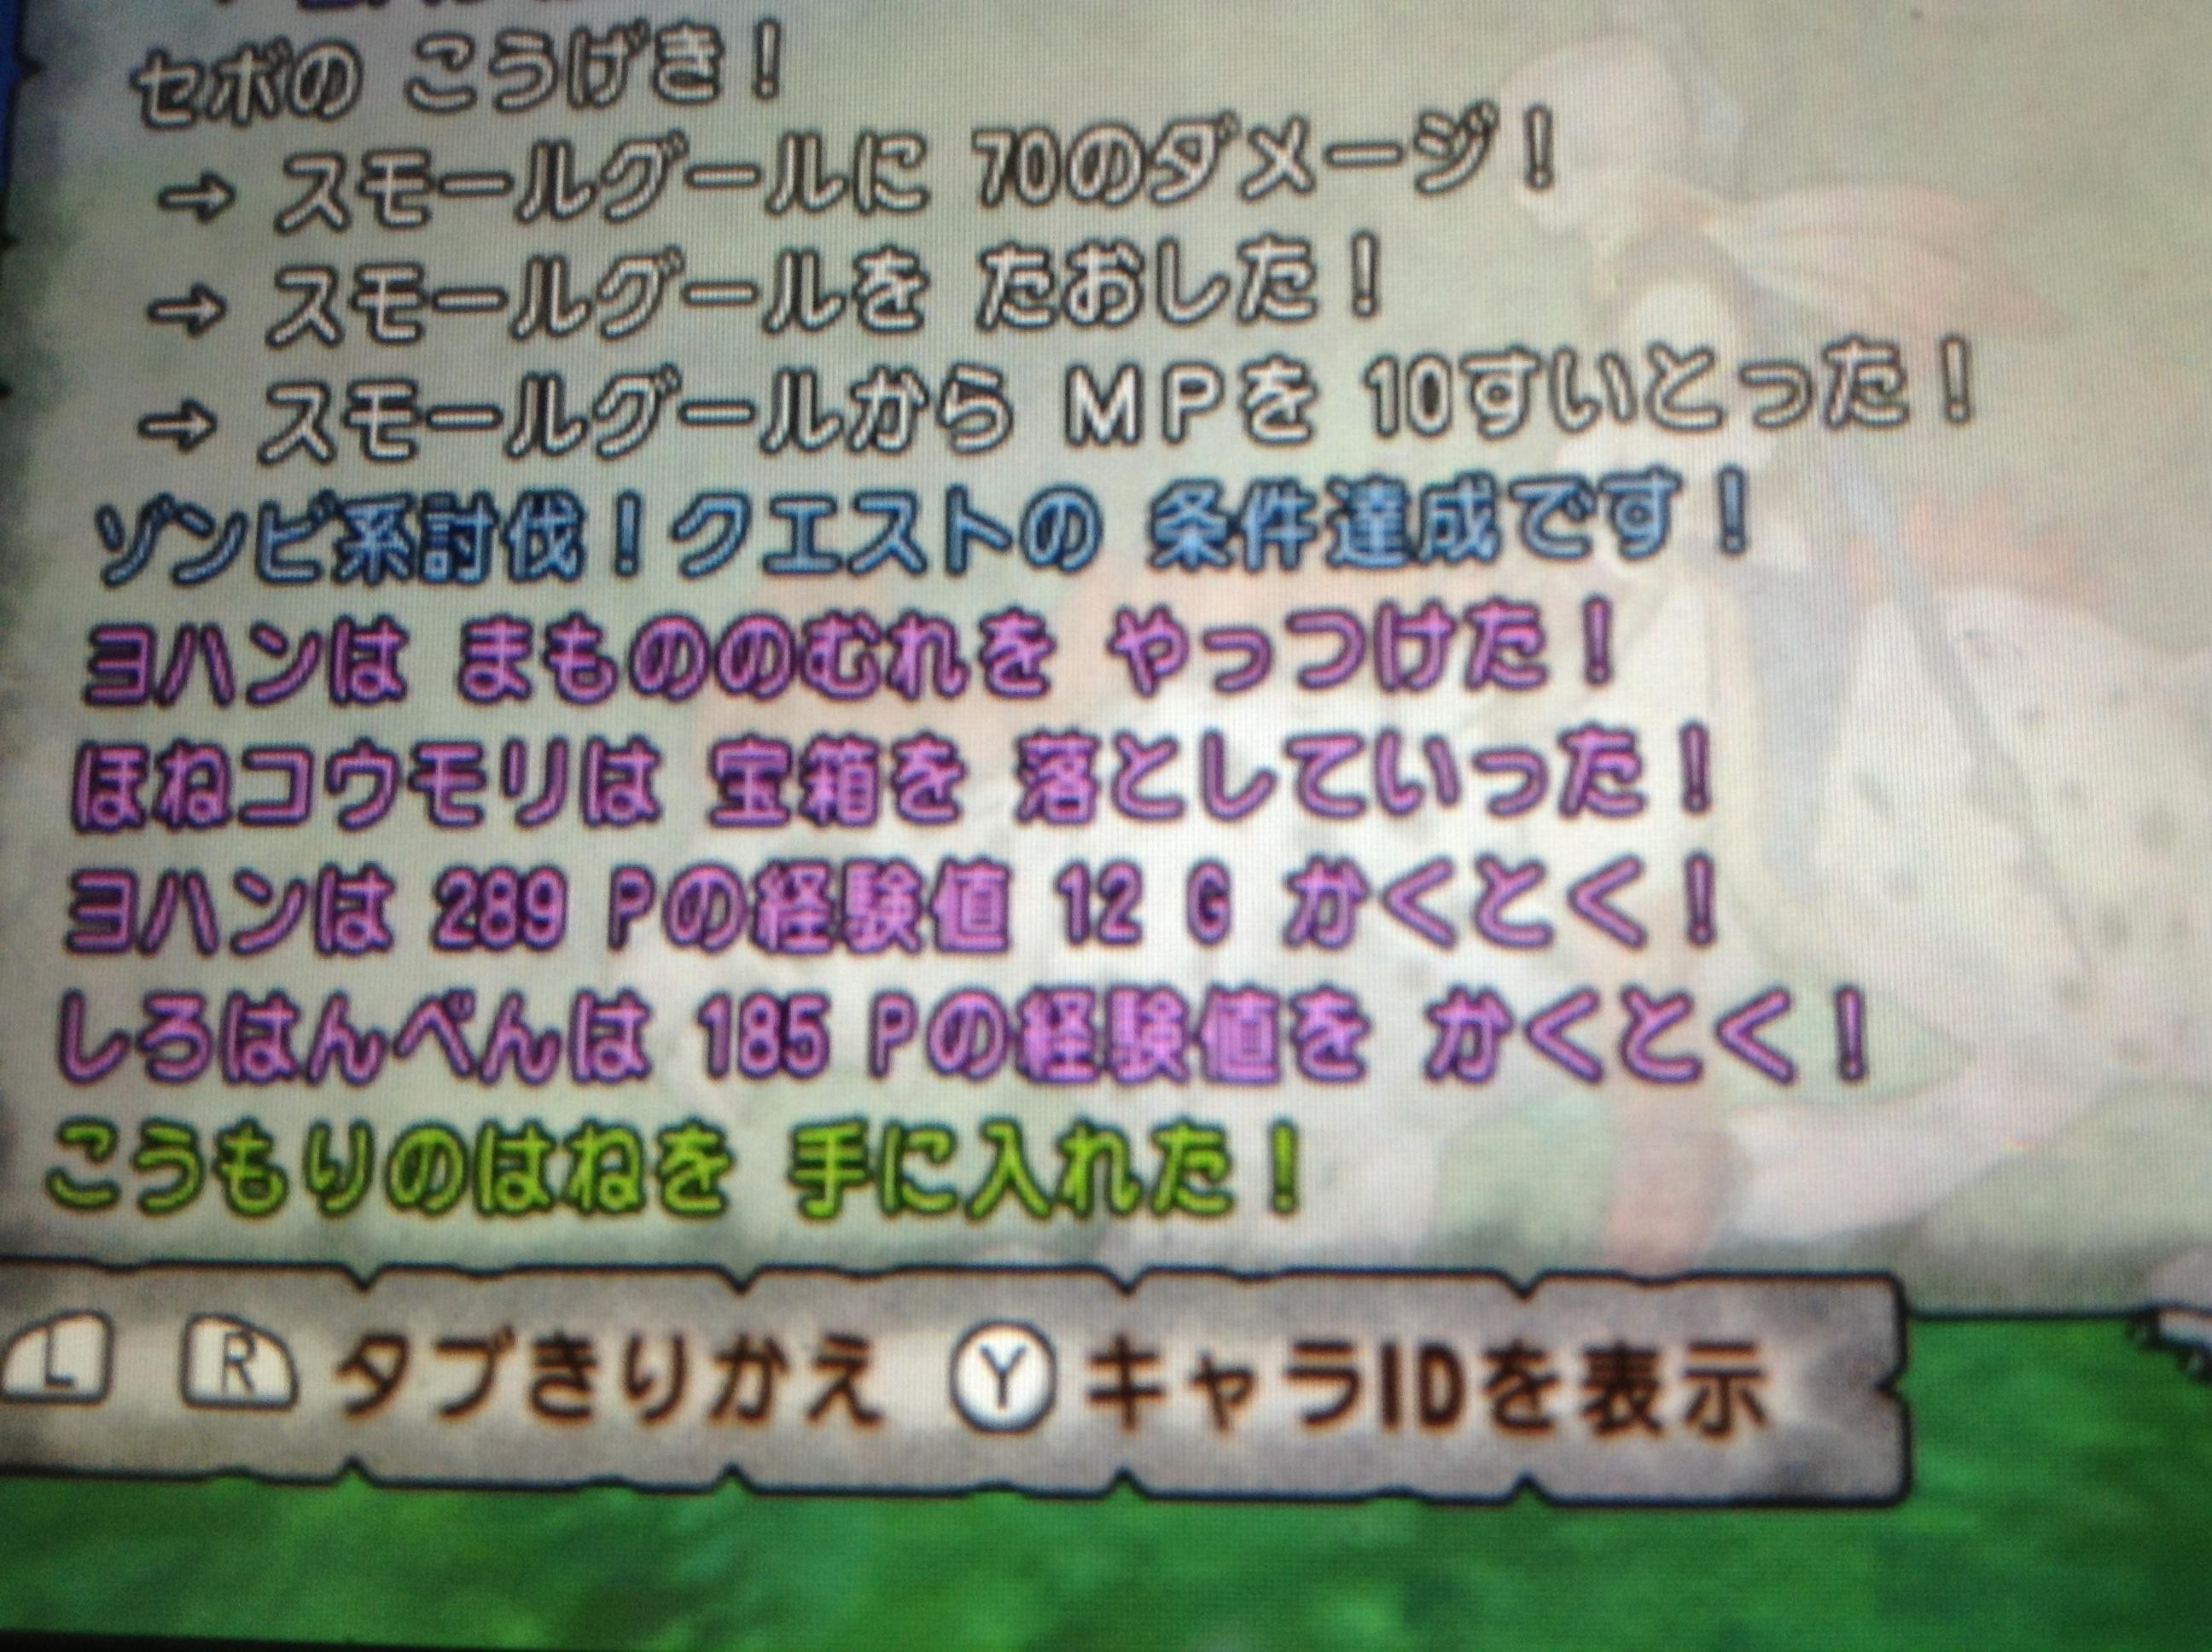 20140812195825af3.jpg